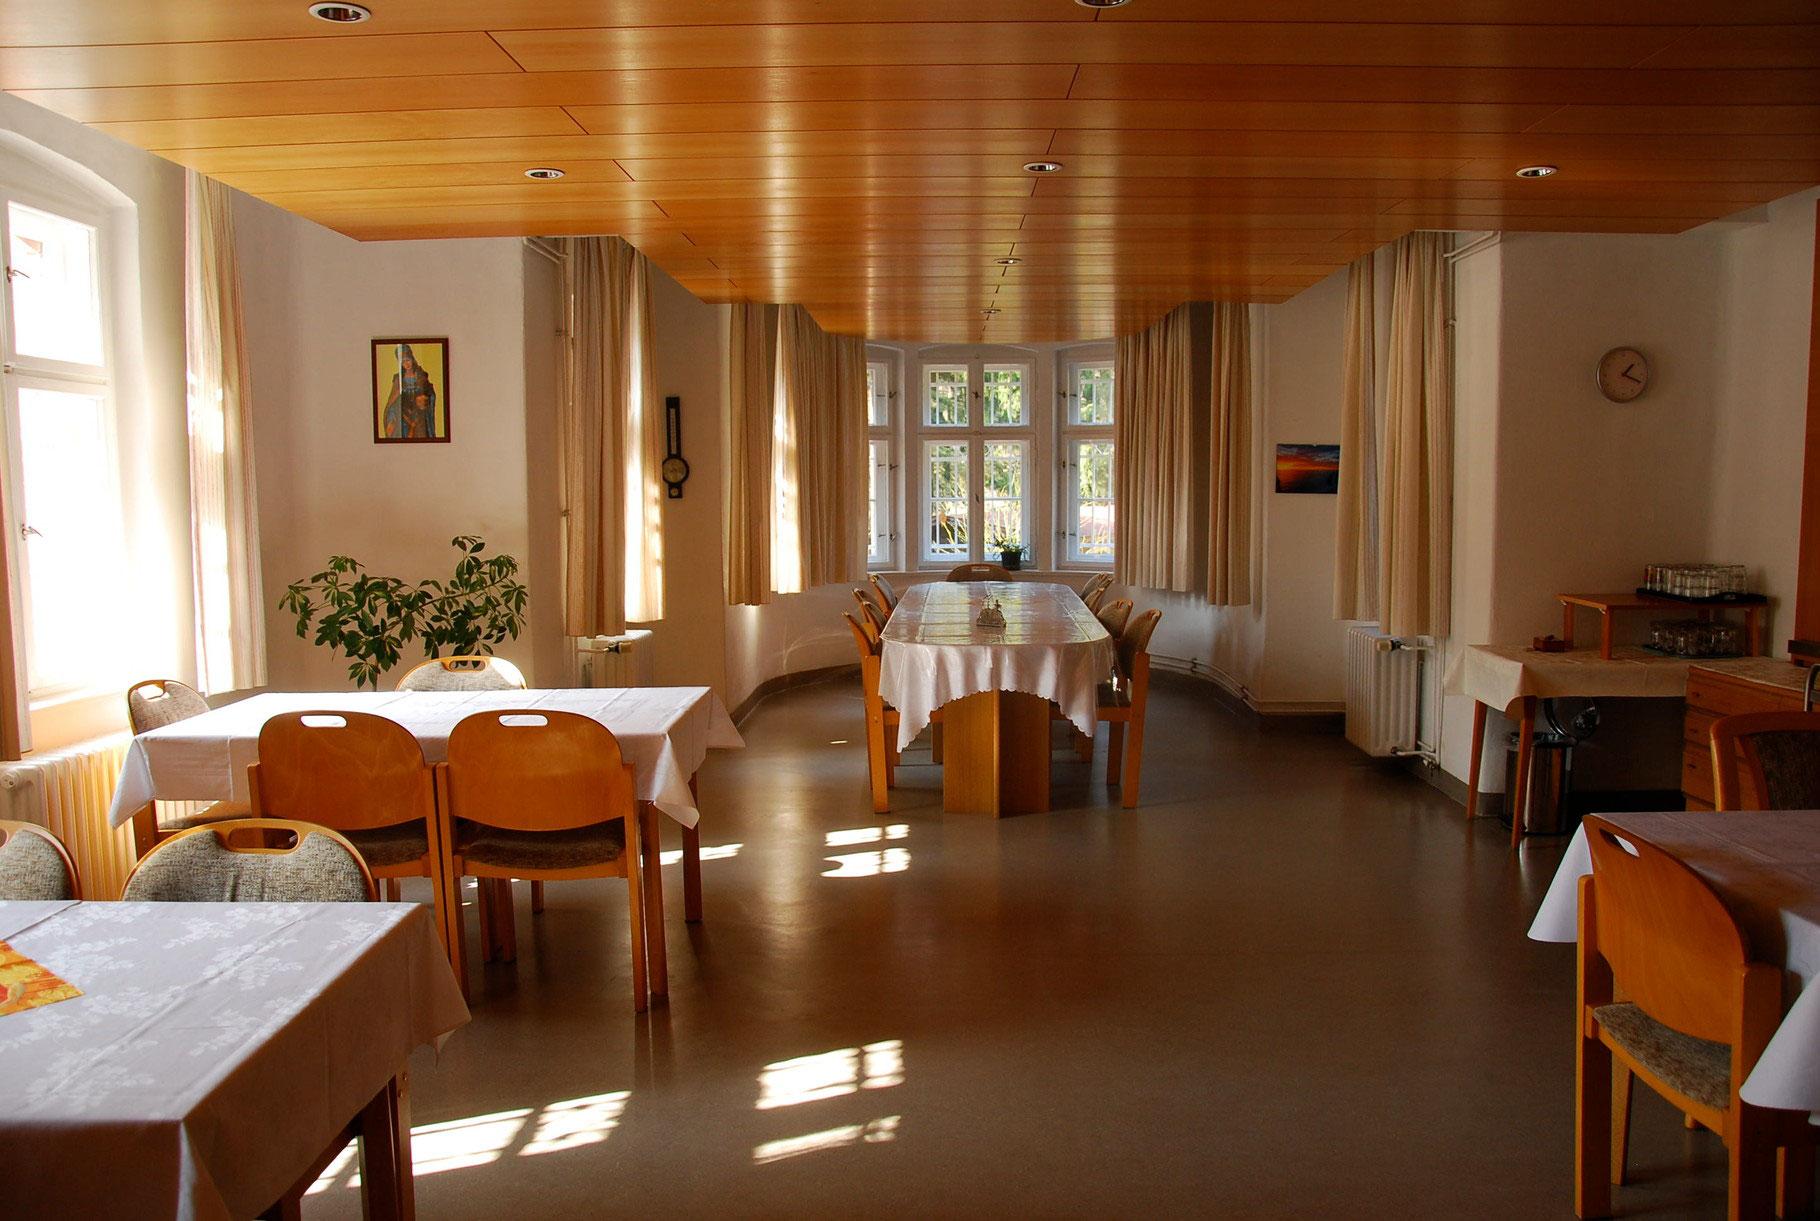 haus liepnitzsee ist eine ehemalige klosterherberge mit. Black Bedroom Furniture Sets. Home Design Ideas